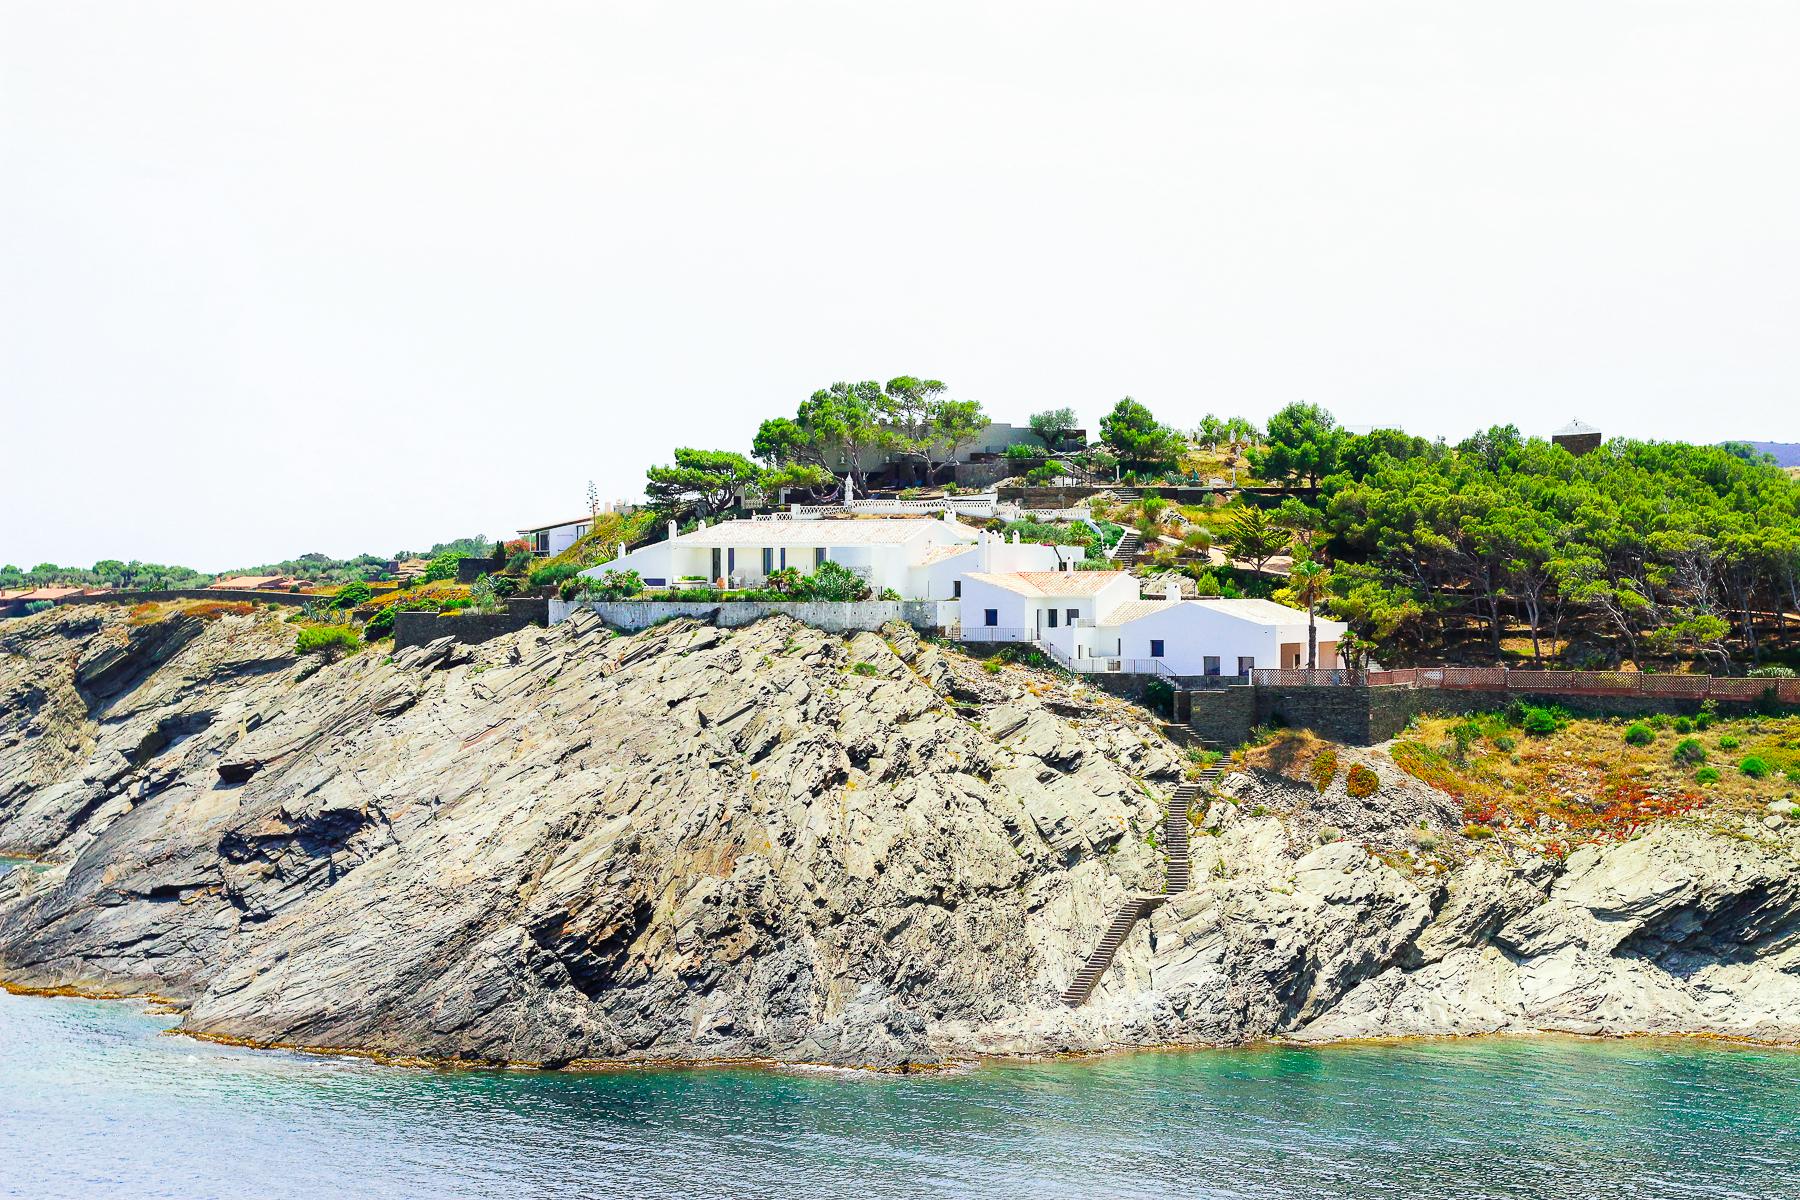 Casa del capitan Cadaqués séjour de luxe dans la Costa Brava en Espagne